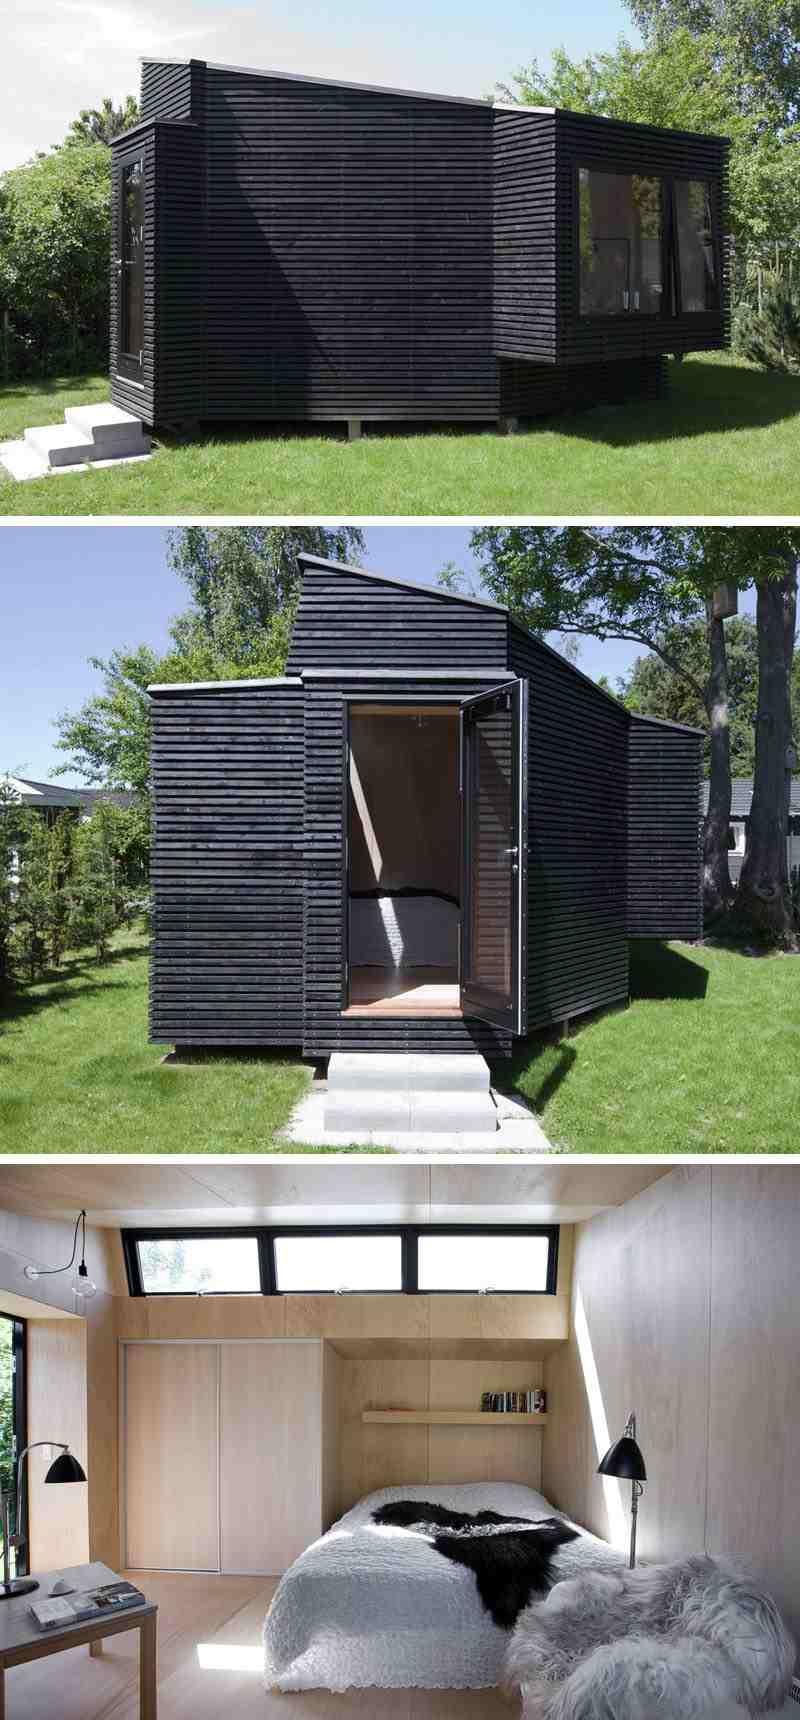 Maison de jardin habitable- 14 abris aménagés en bureaux ou coins ...